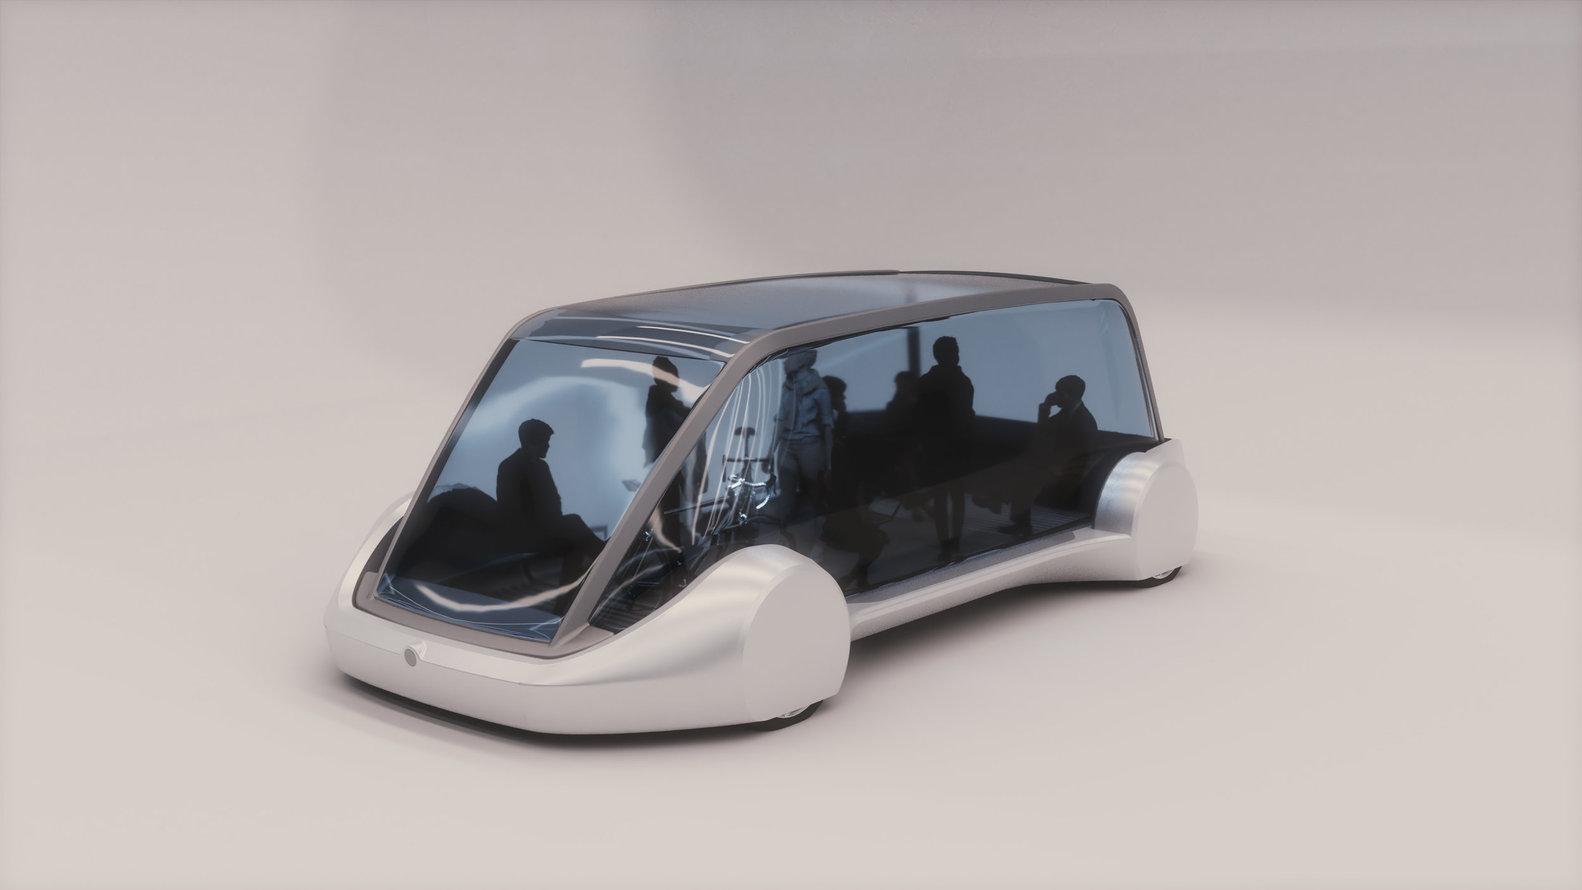 Prototipo de vehículo automático deslizante, destinado al uso común.